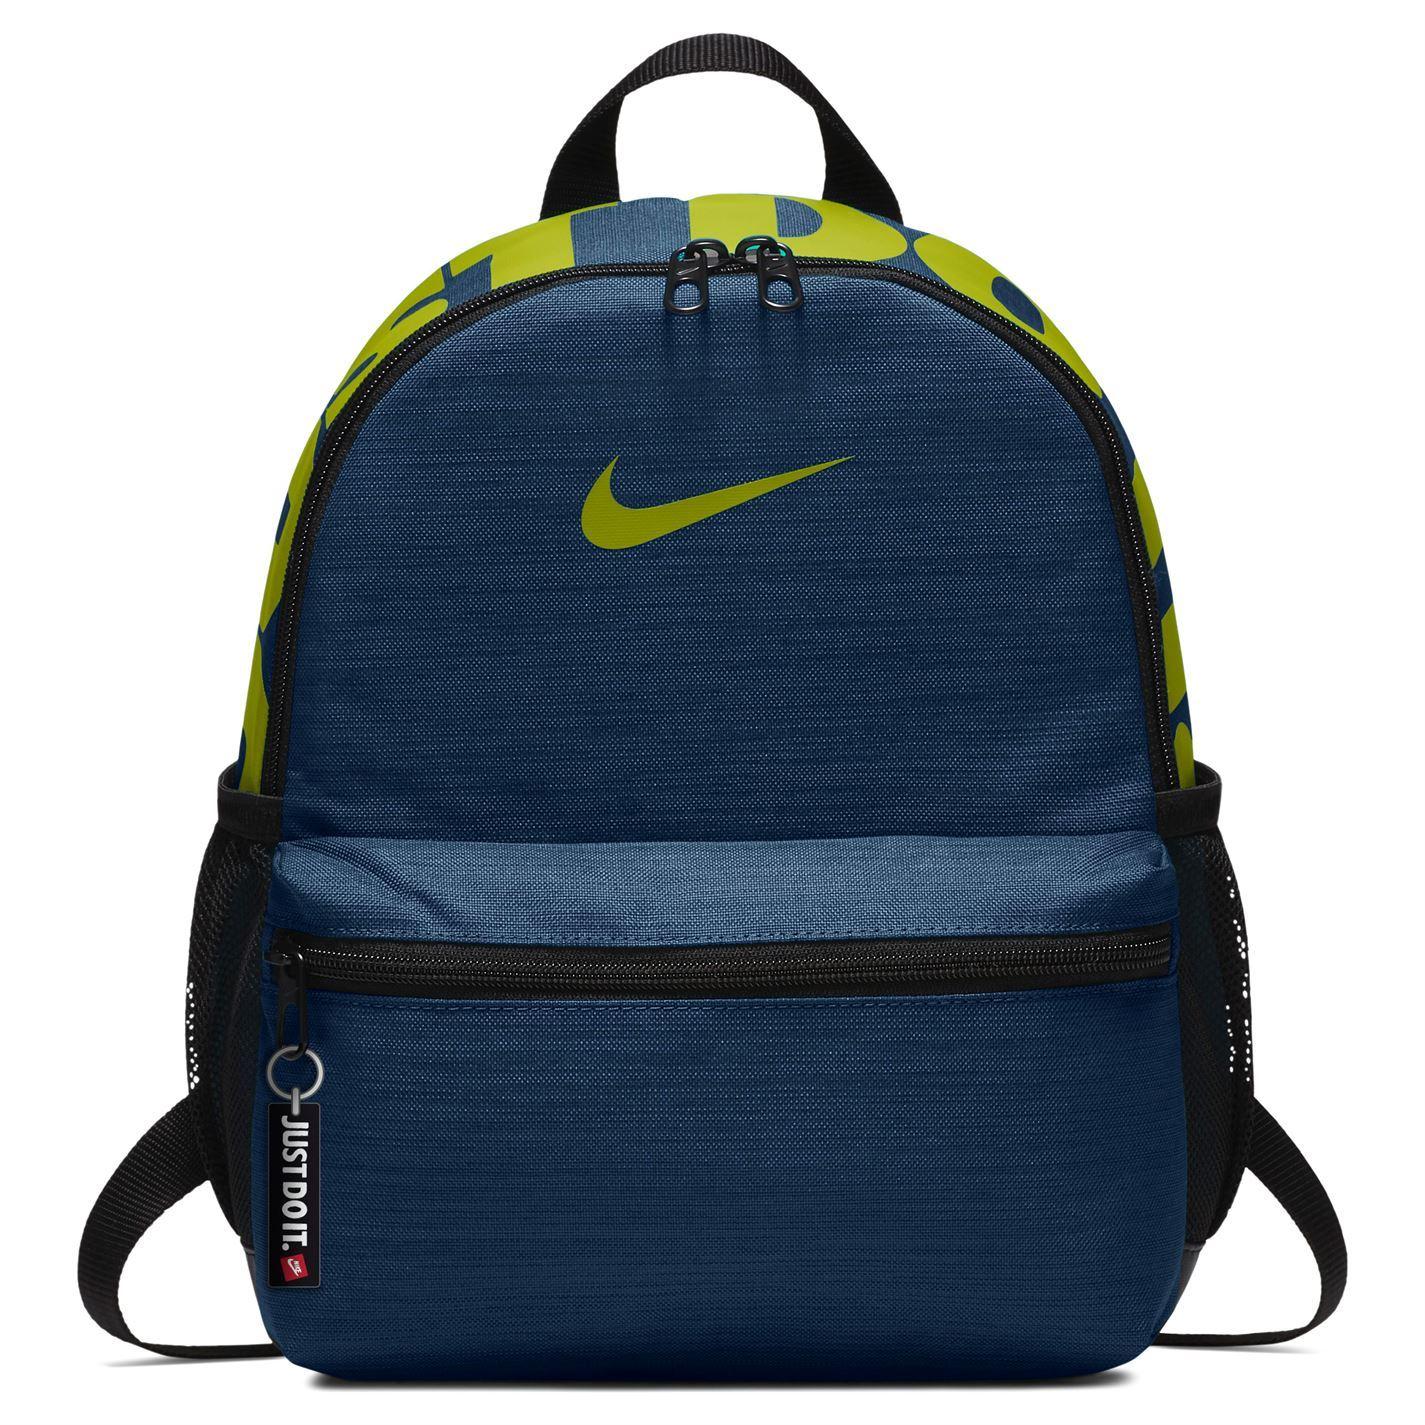 c7929836e8 Nike Mini Base Backpack Rucksack Daypack Bag